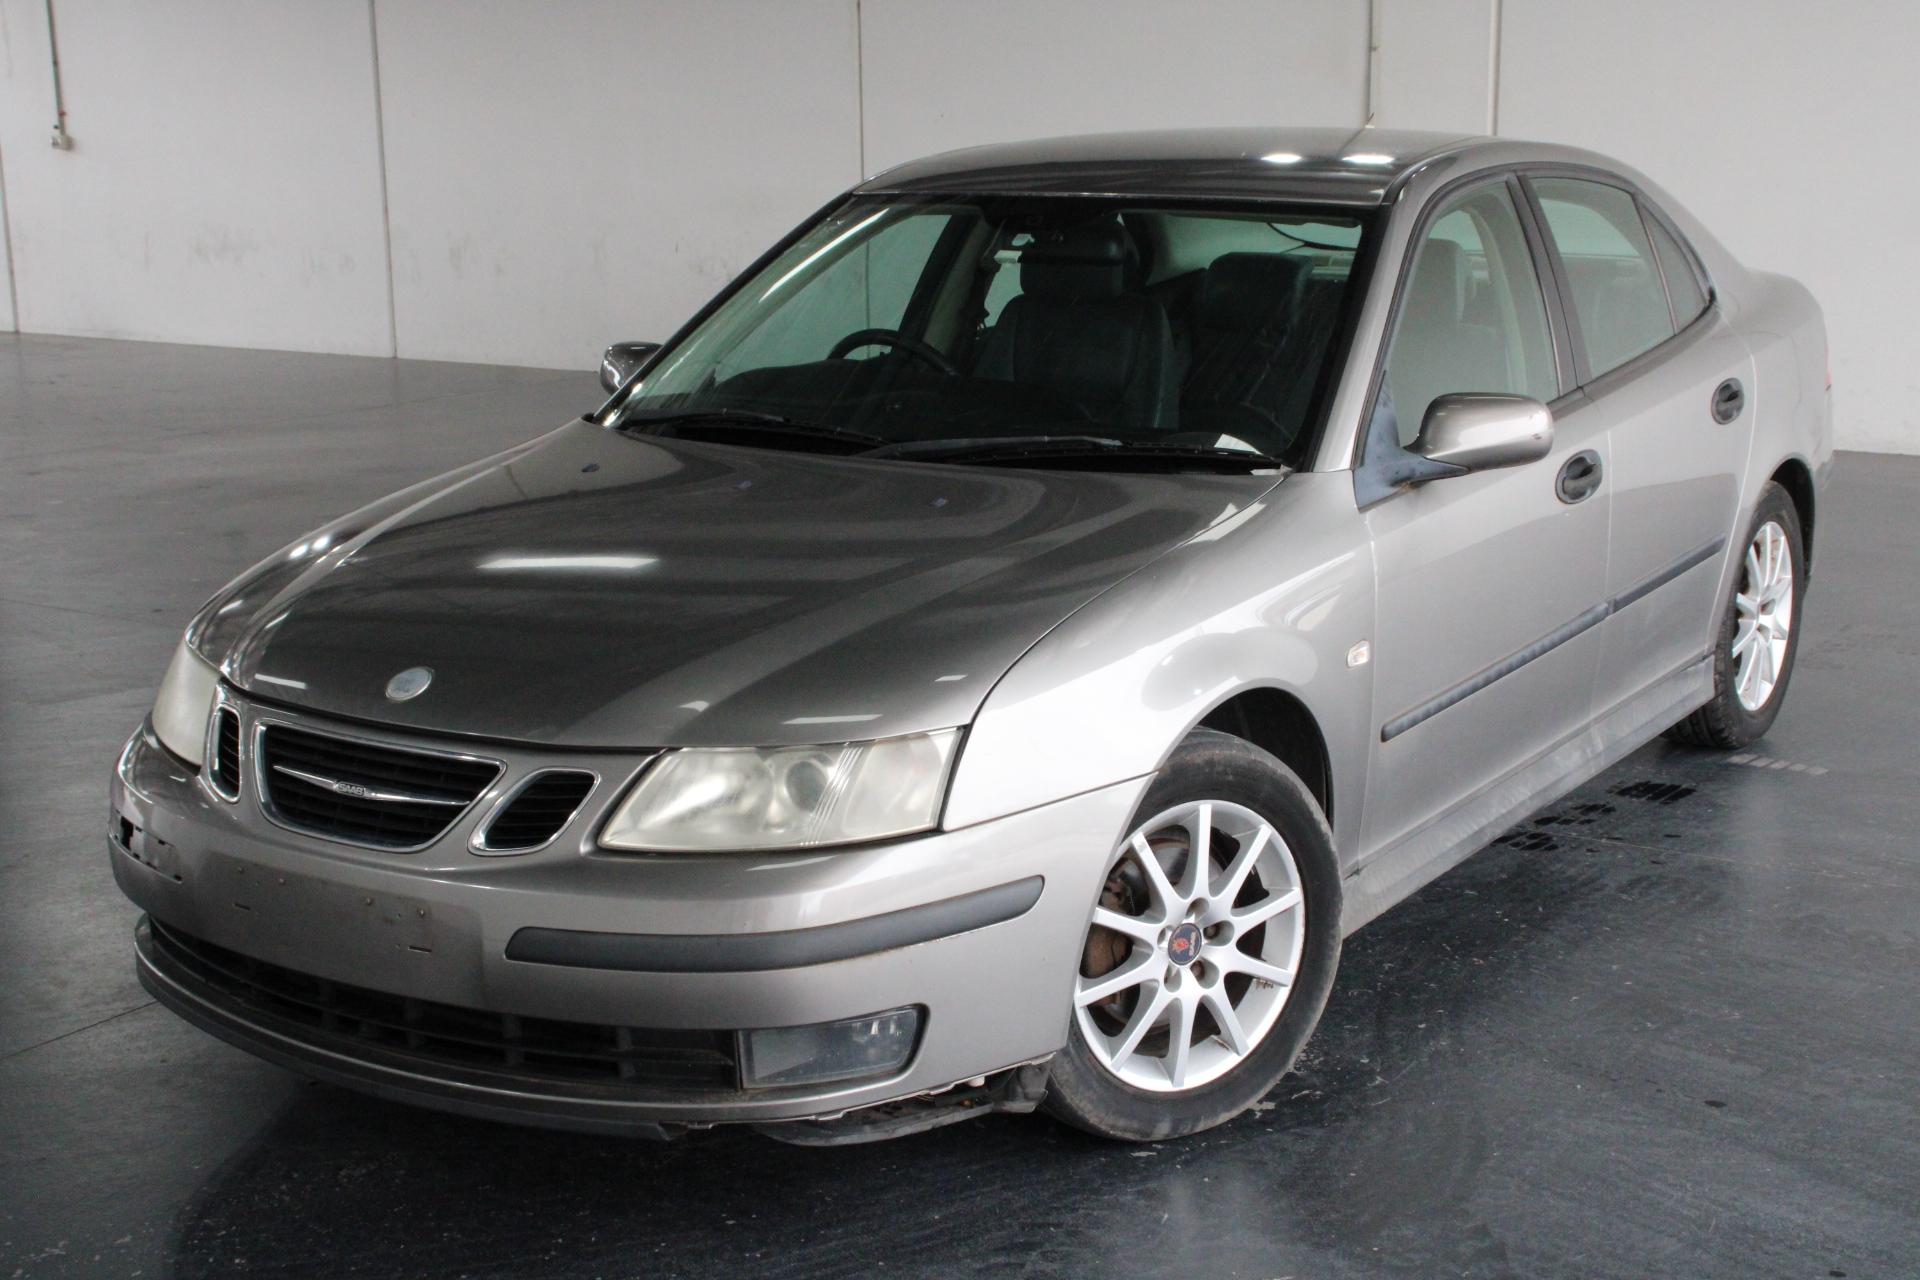 2005 Saab 9-3 ARC 2.0T Automatic Sedan